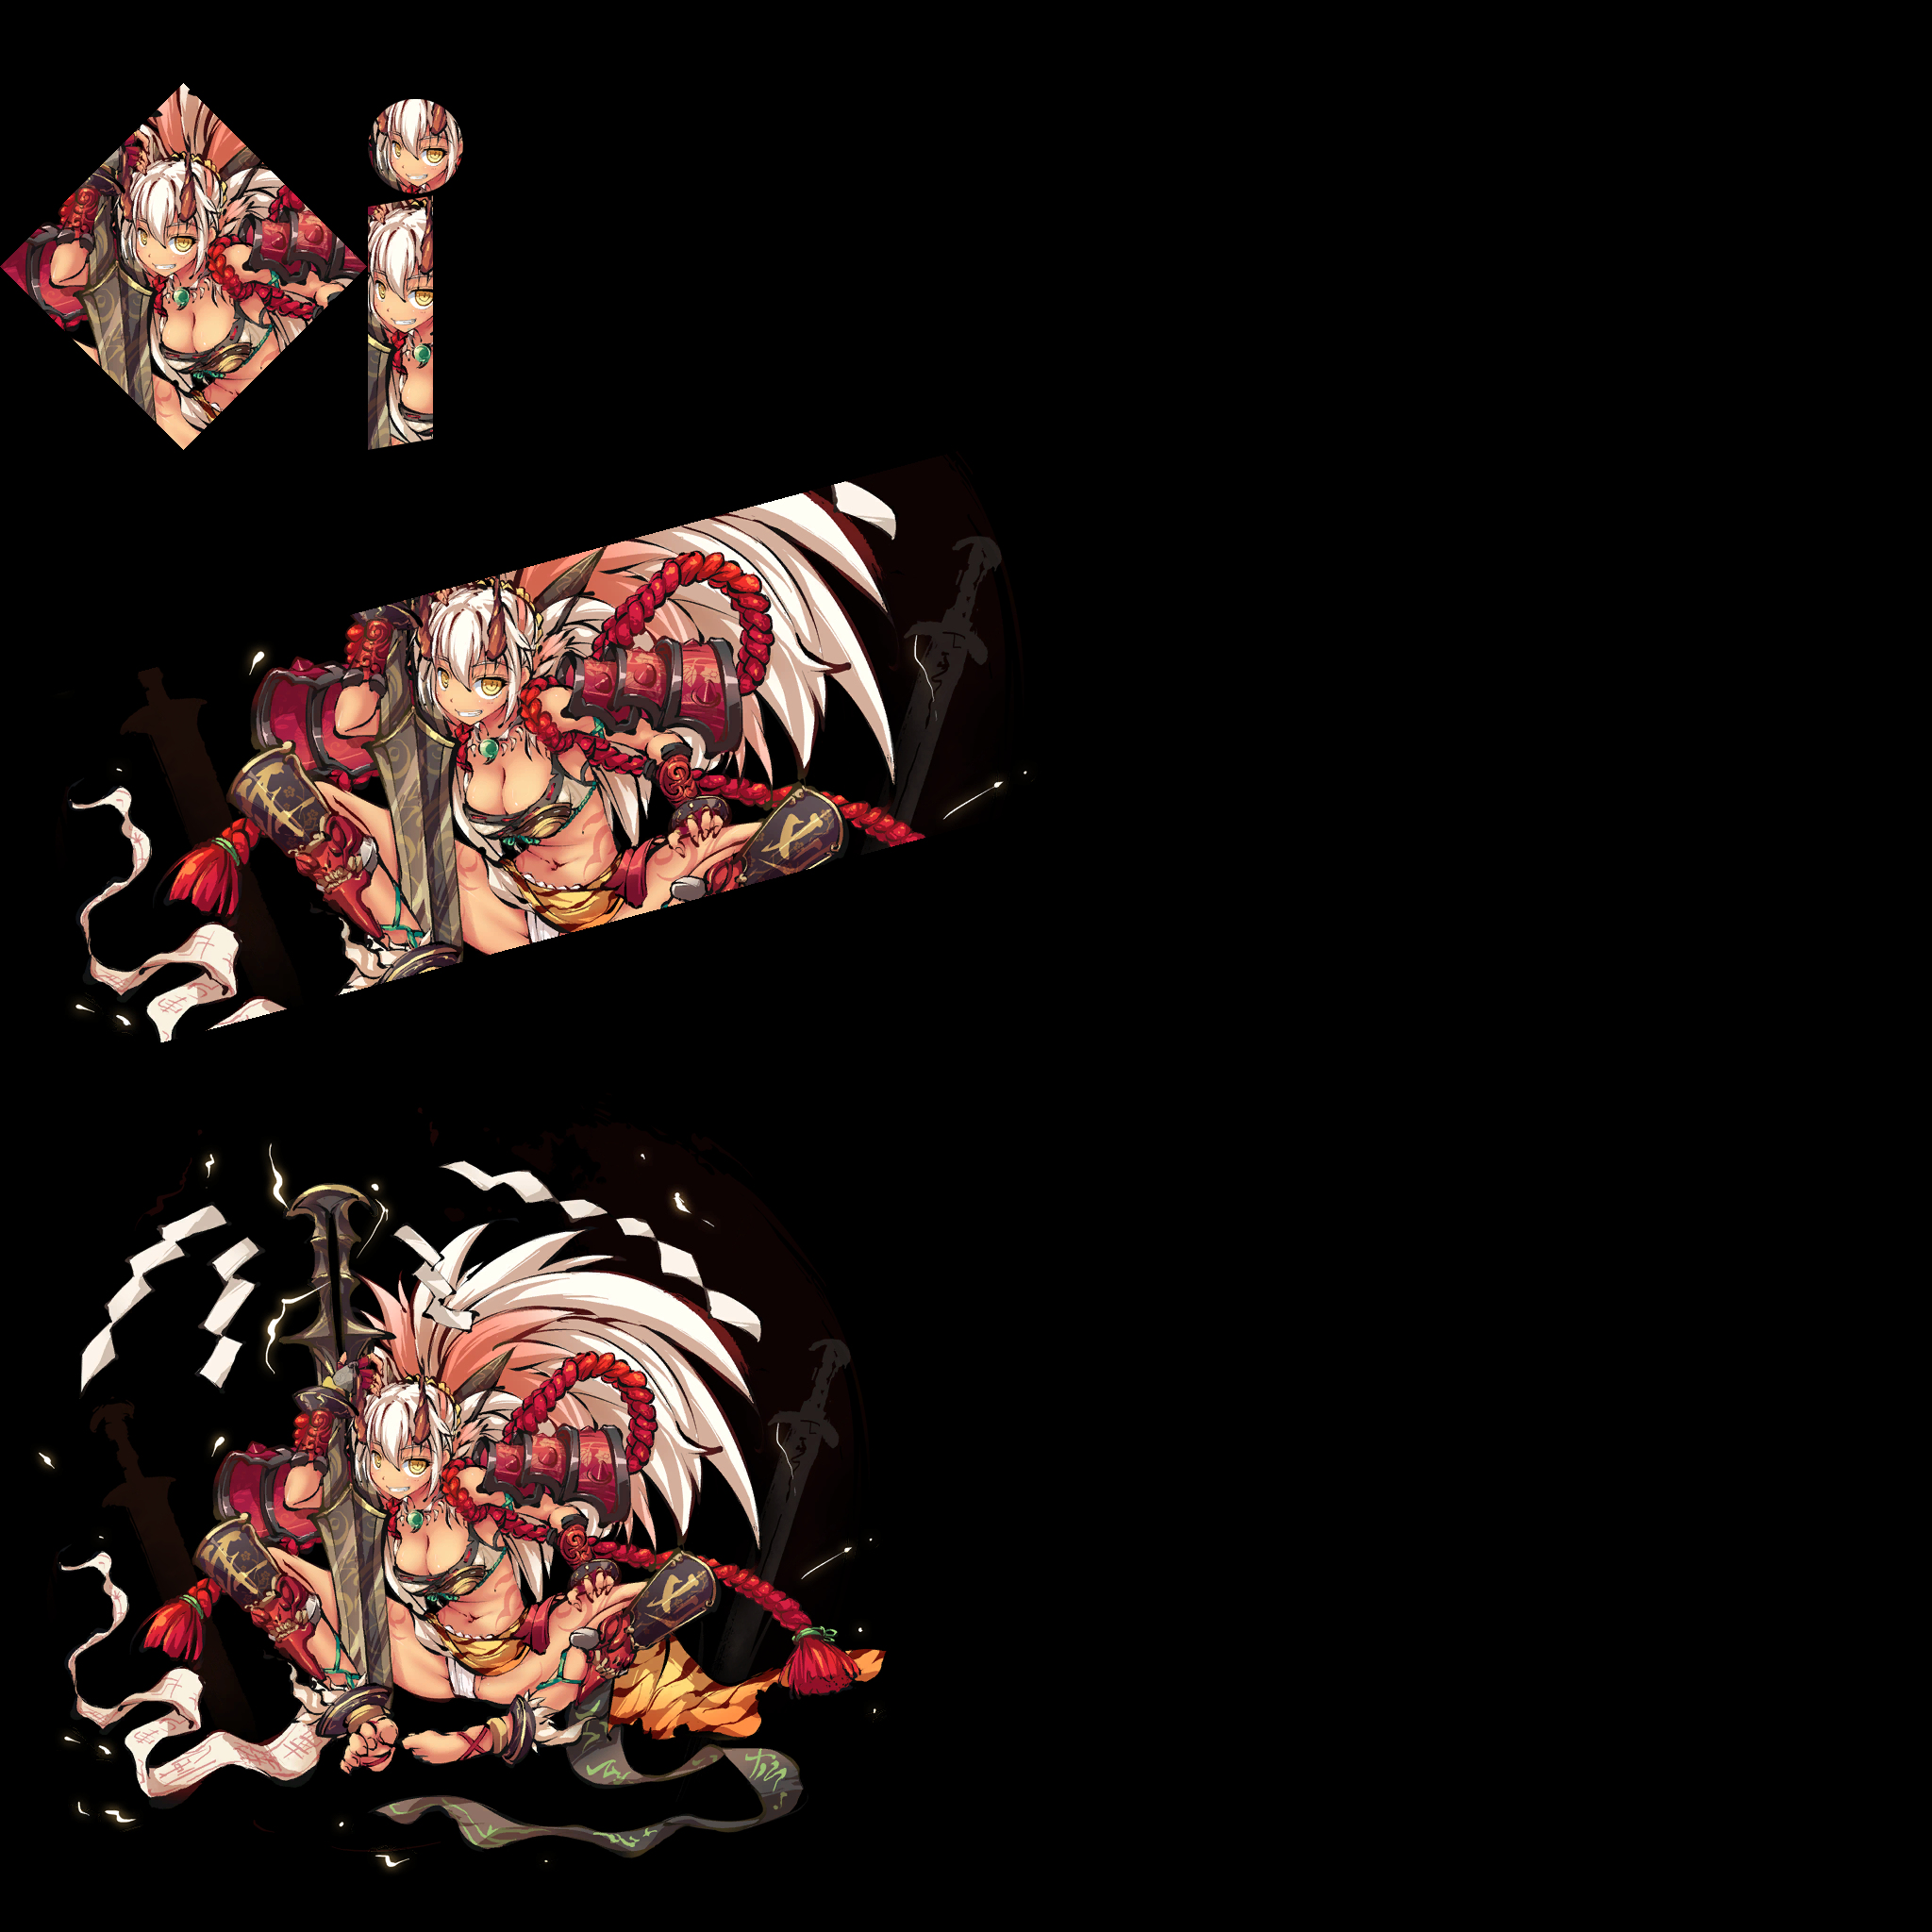 《九十九姬》立绘图